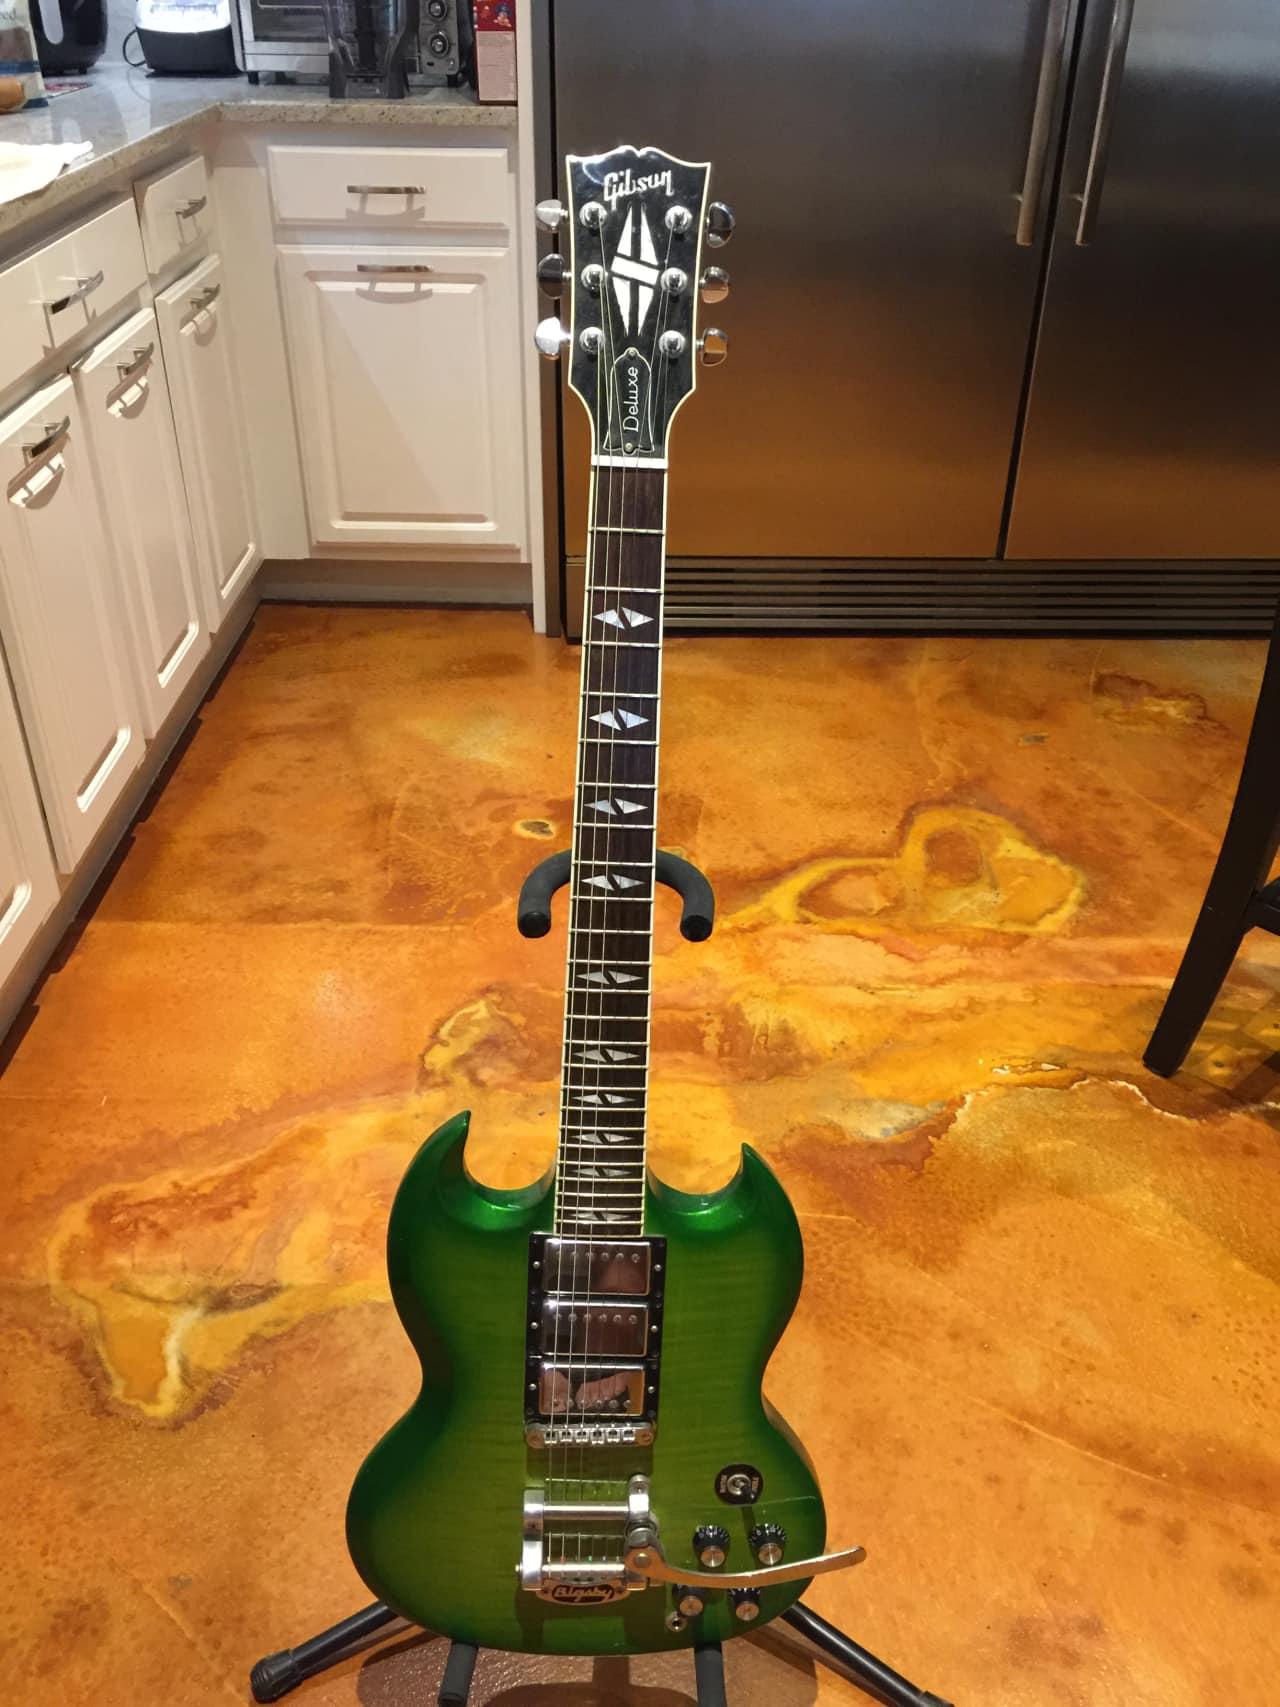 Gibson SG custom deluxe 2013 Lime Burst | Steve's Shop ...